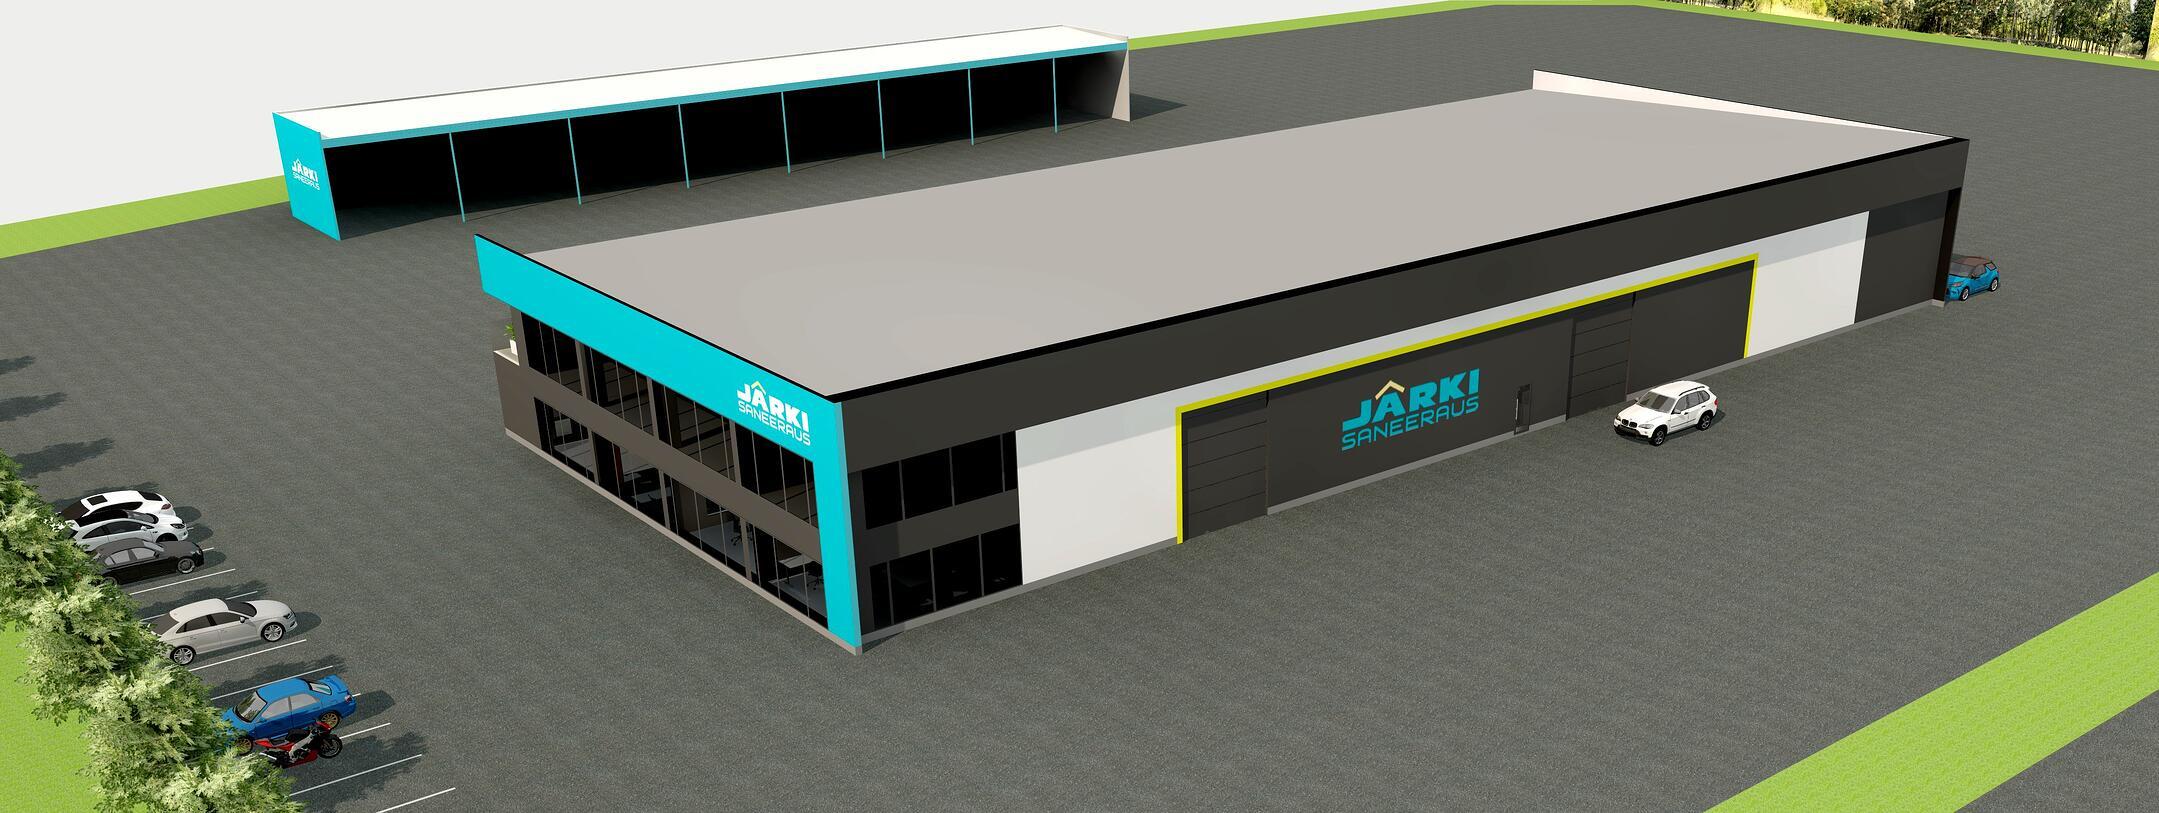 Järki-Saneerauksen isot ja upeat uudet toimitilat valmistuvat Lopelle